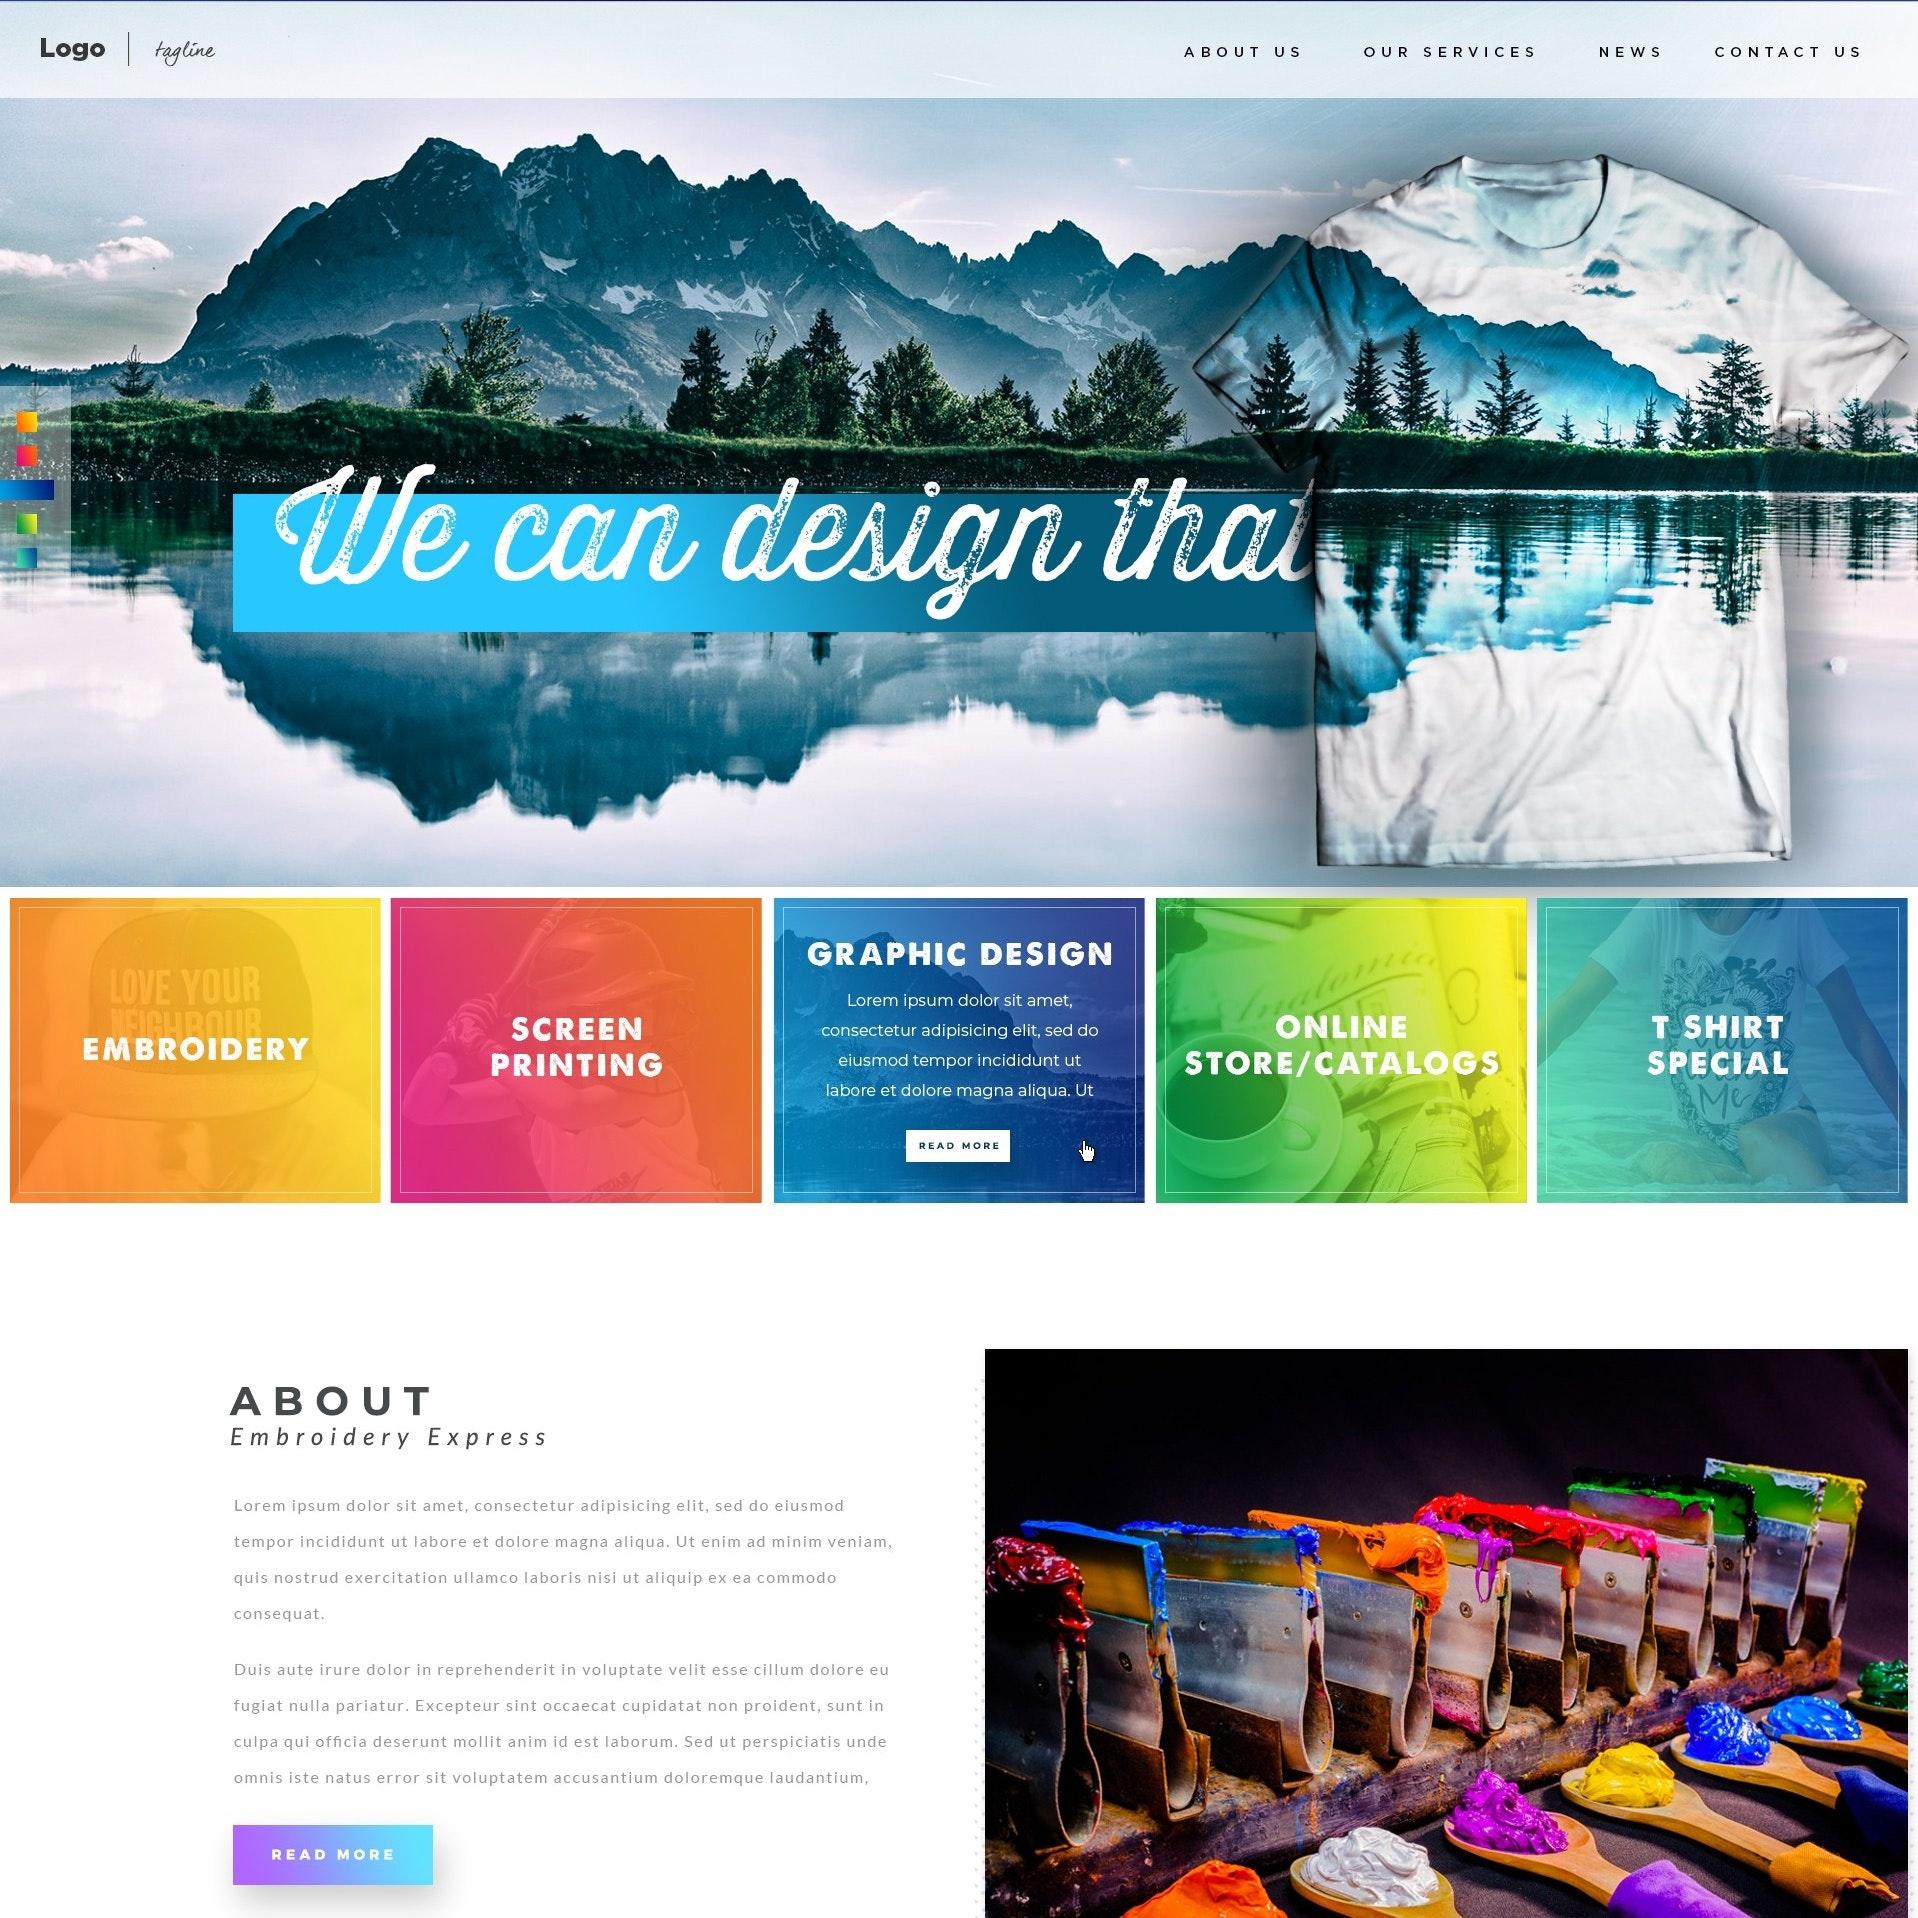 Diseño del sitio web de Printing Apparel Company